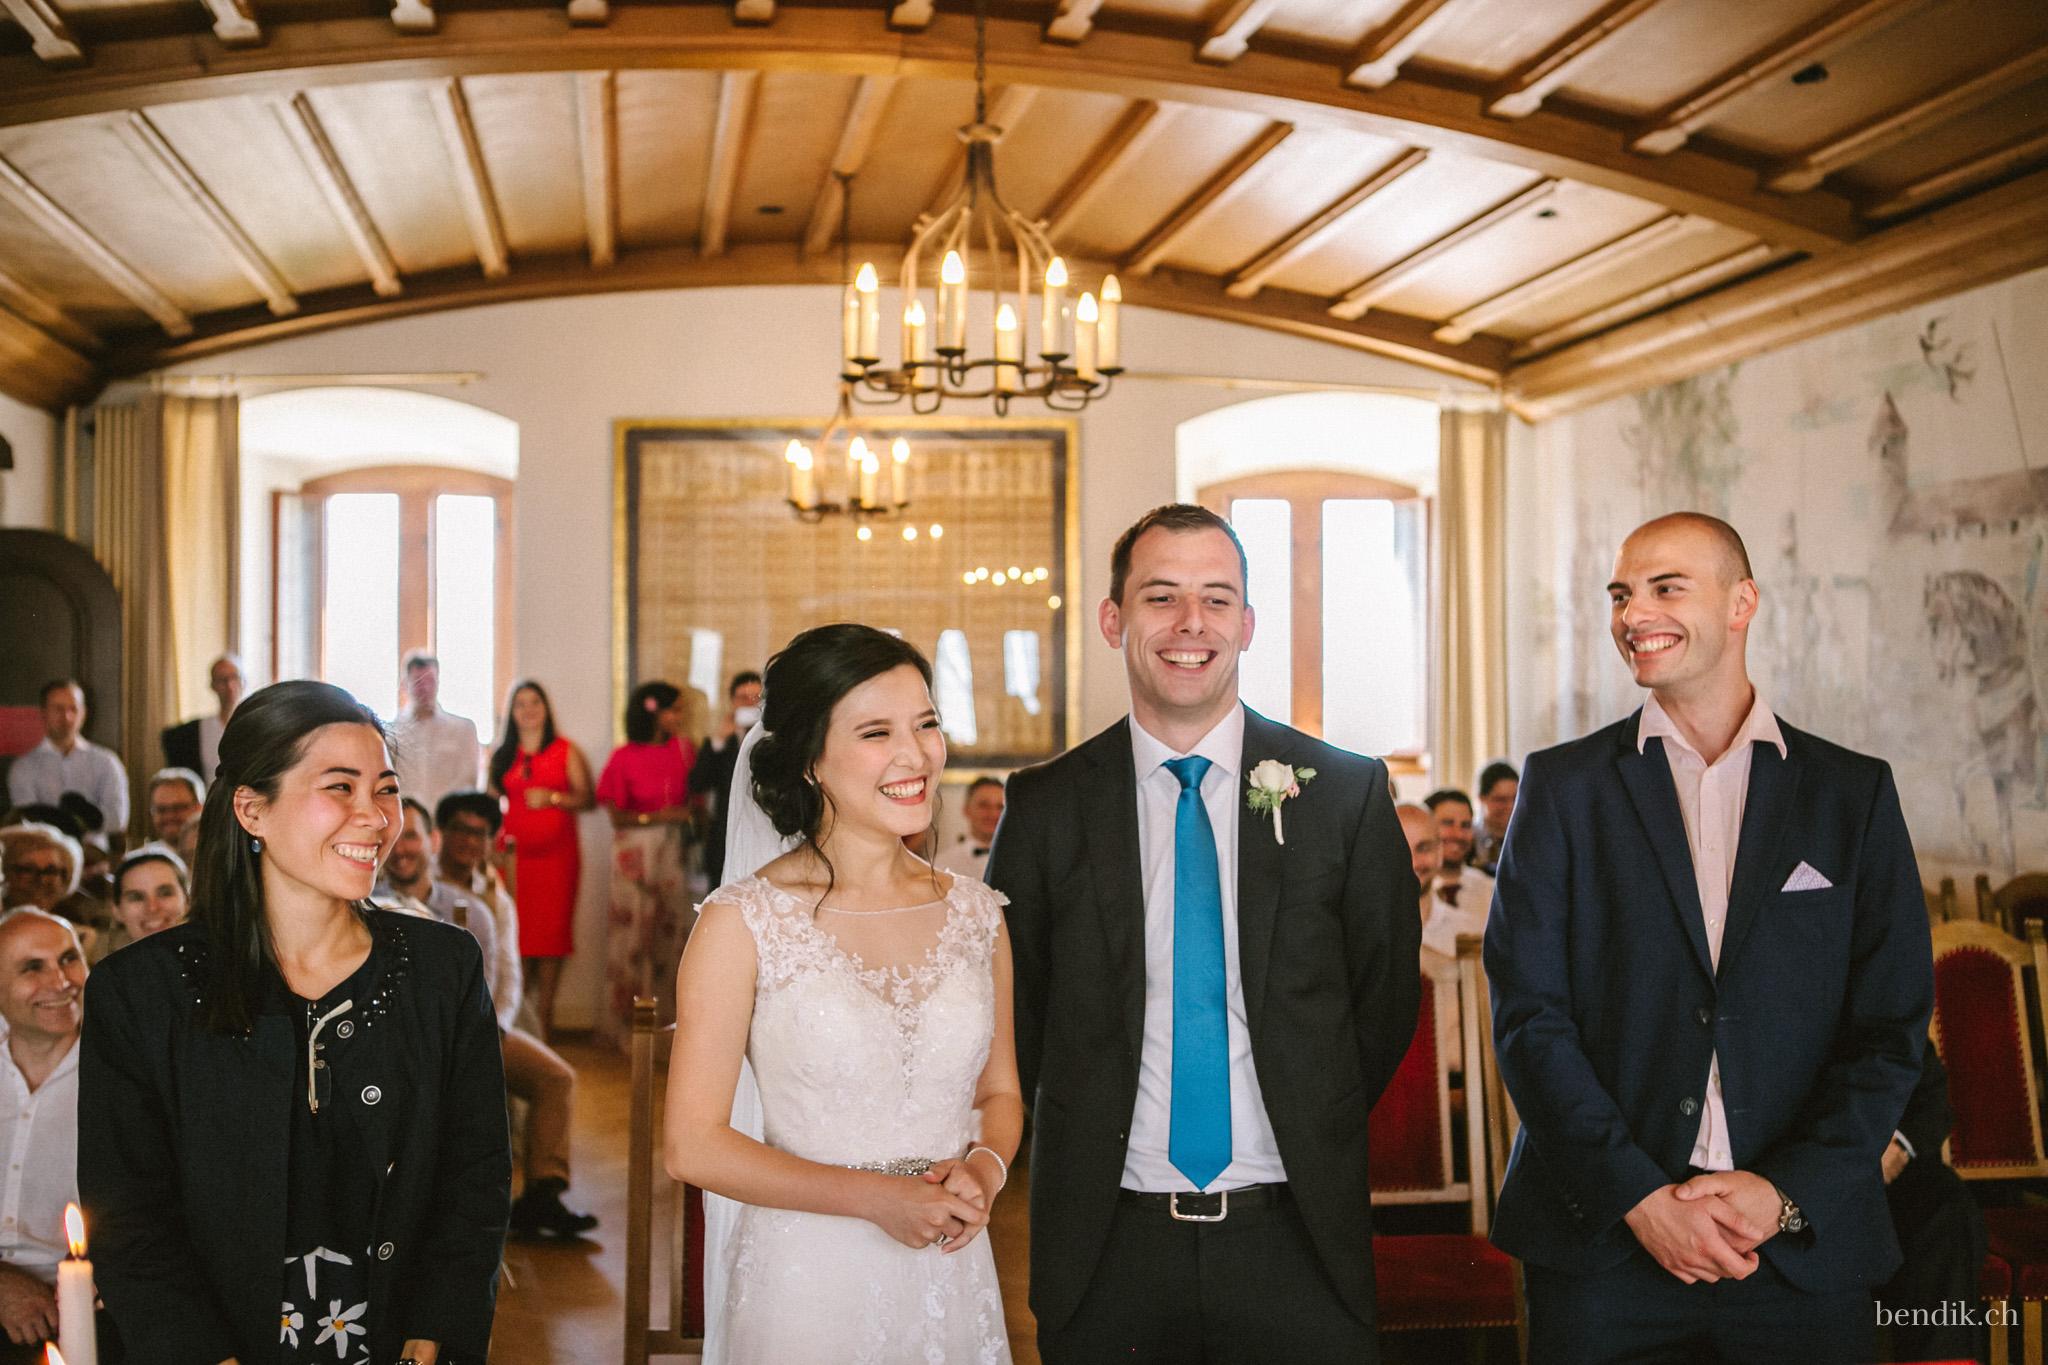 Braut, Bräutigam und Trauzeugen lachen während Trauung in Zivilstandsamt Rapperswil